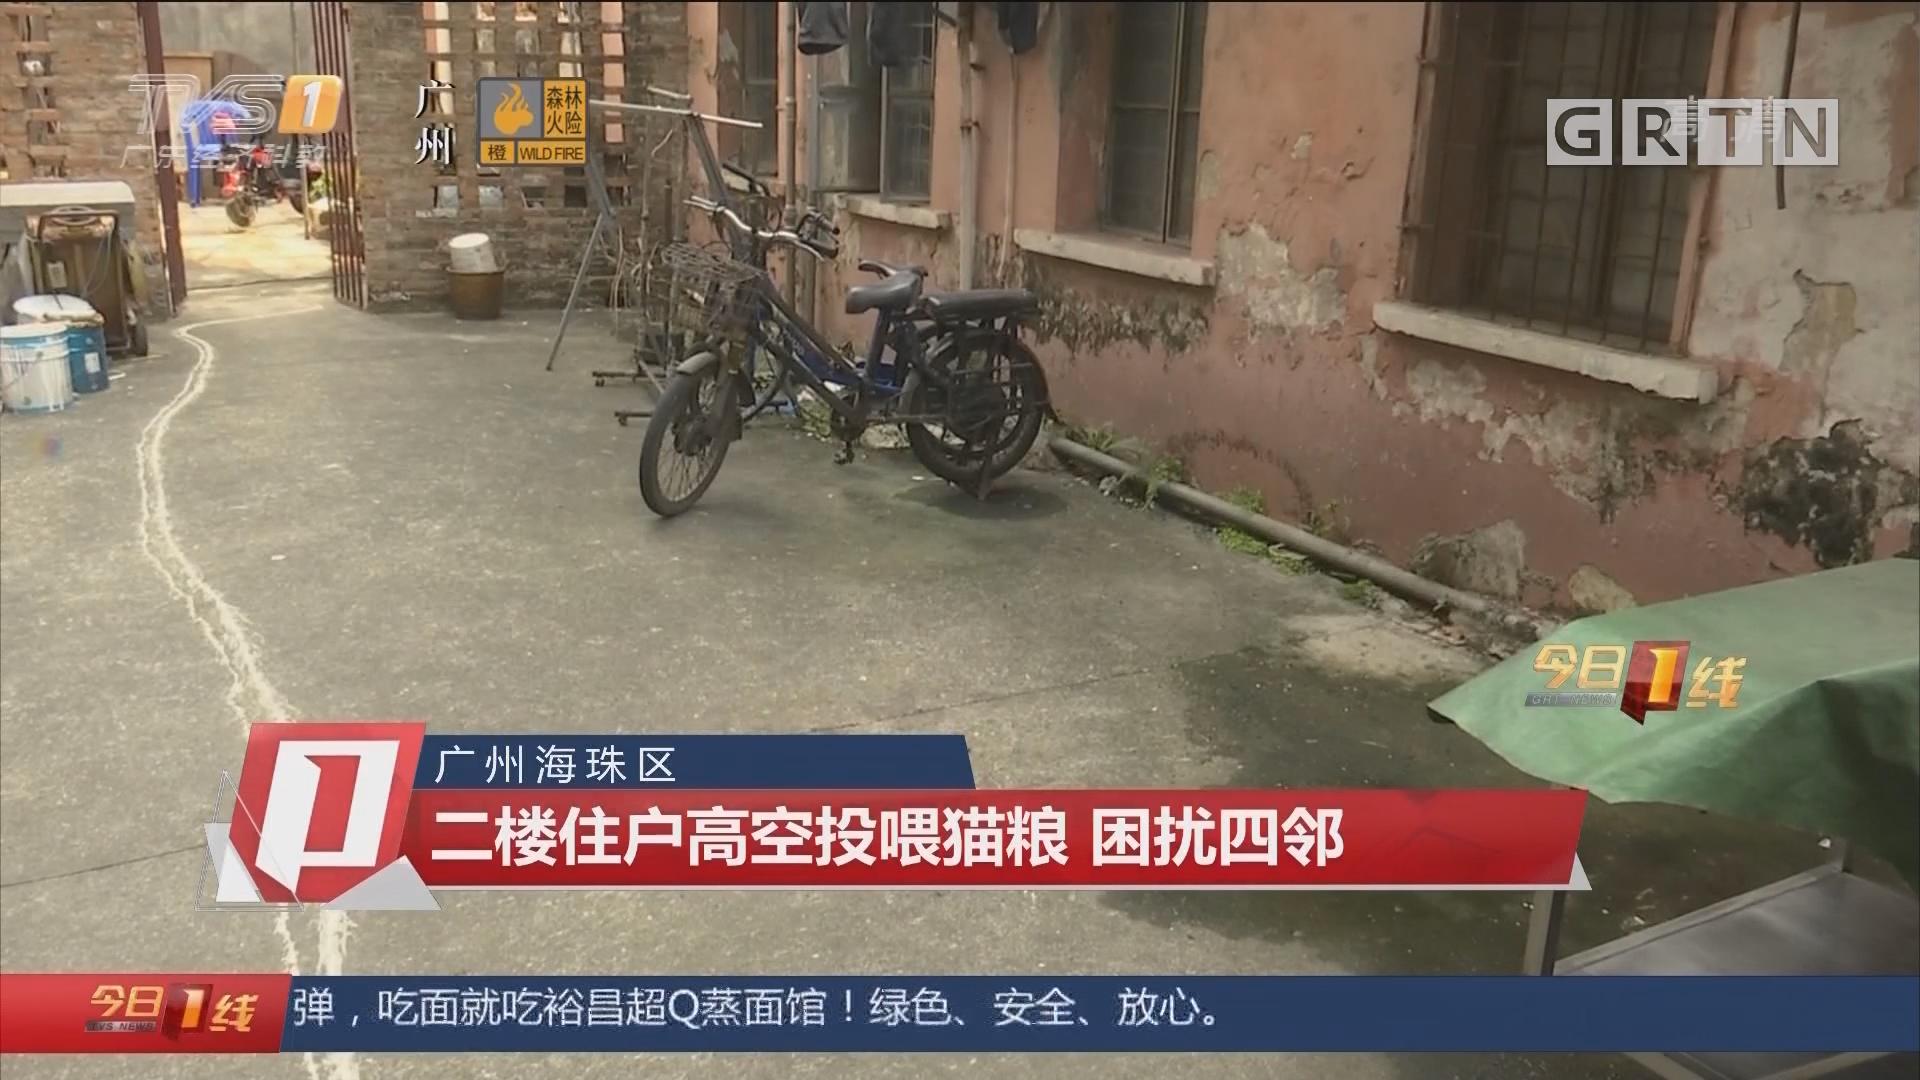 广州海珠区:二楼住户高空投喂猫粮 困扰四邻